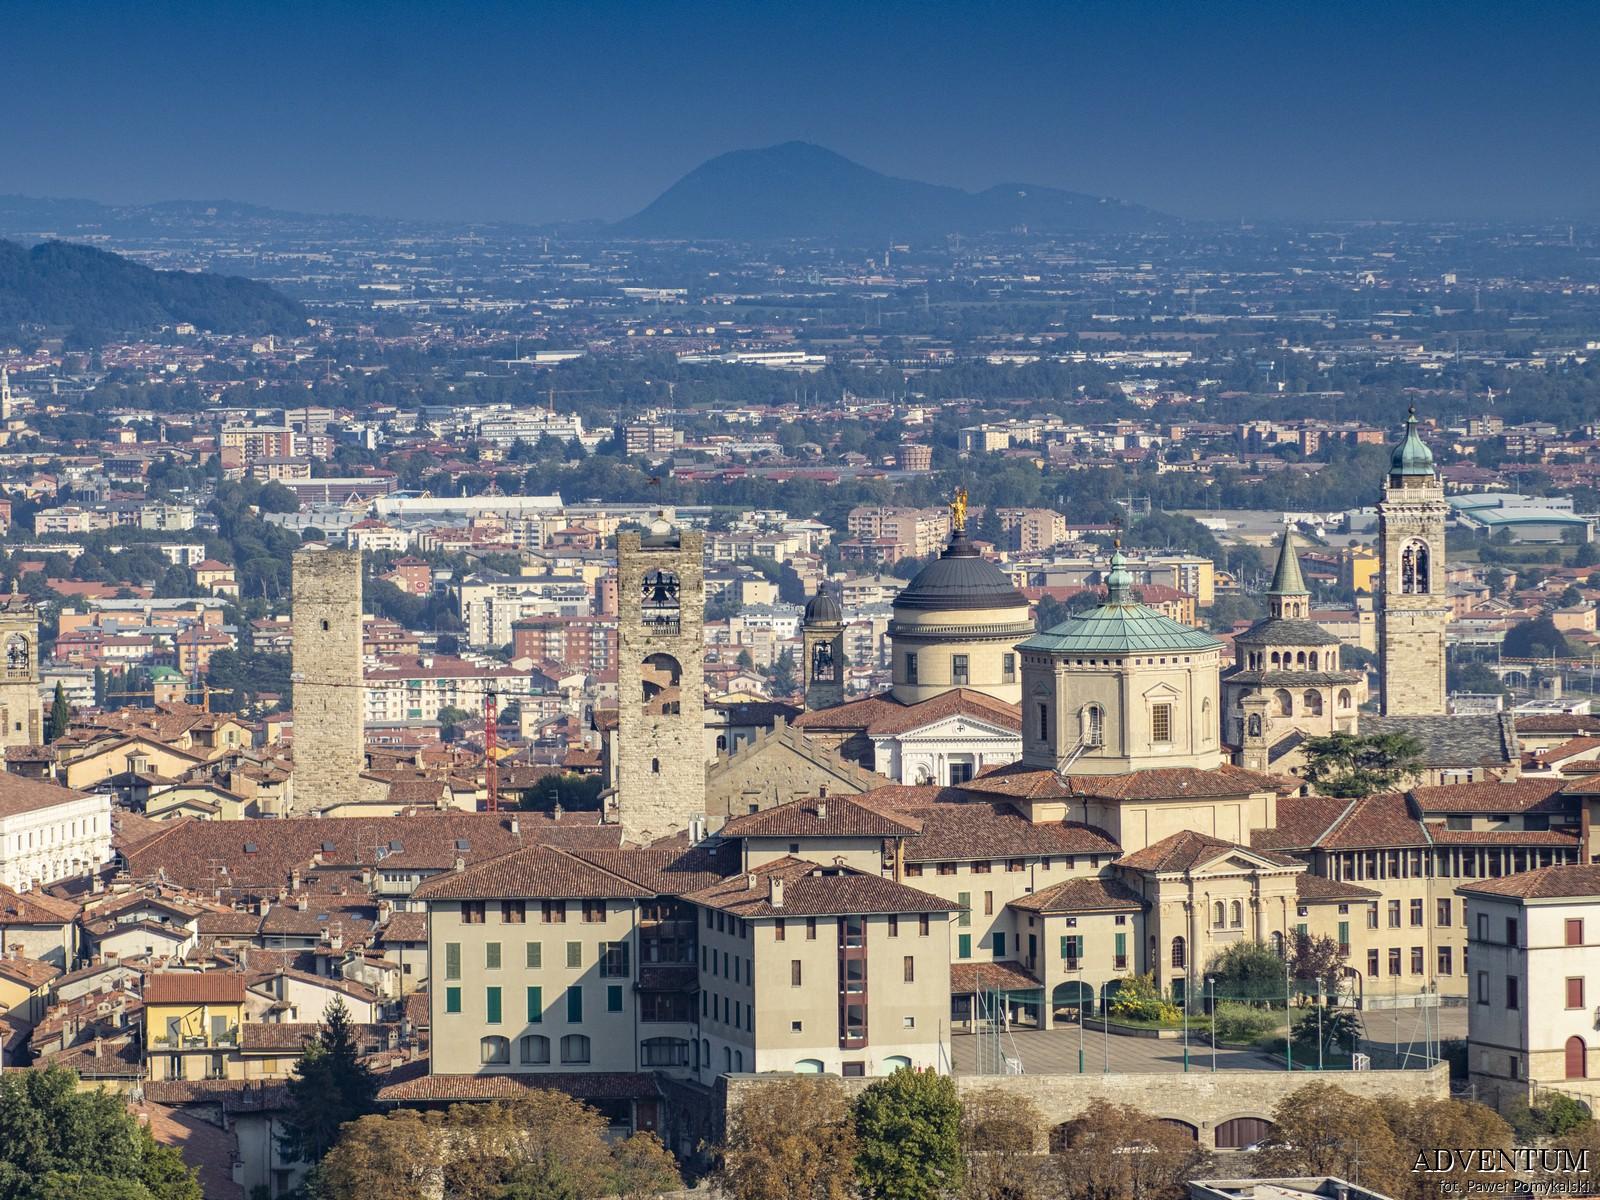 Bergamo Włochy Italia Atrakcje Widok Loty Noclegi Mapa Widoki Tanie Linie Lotnisko